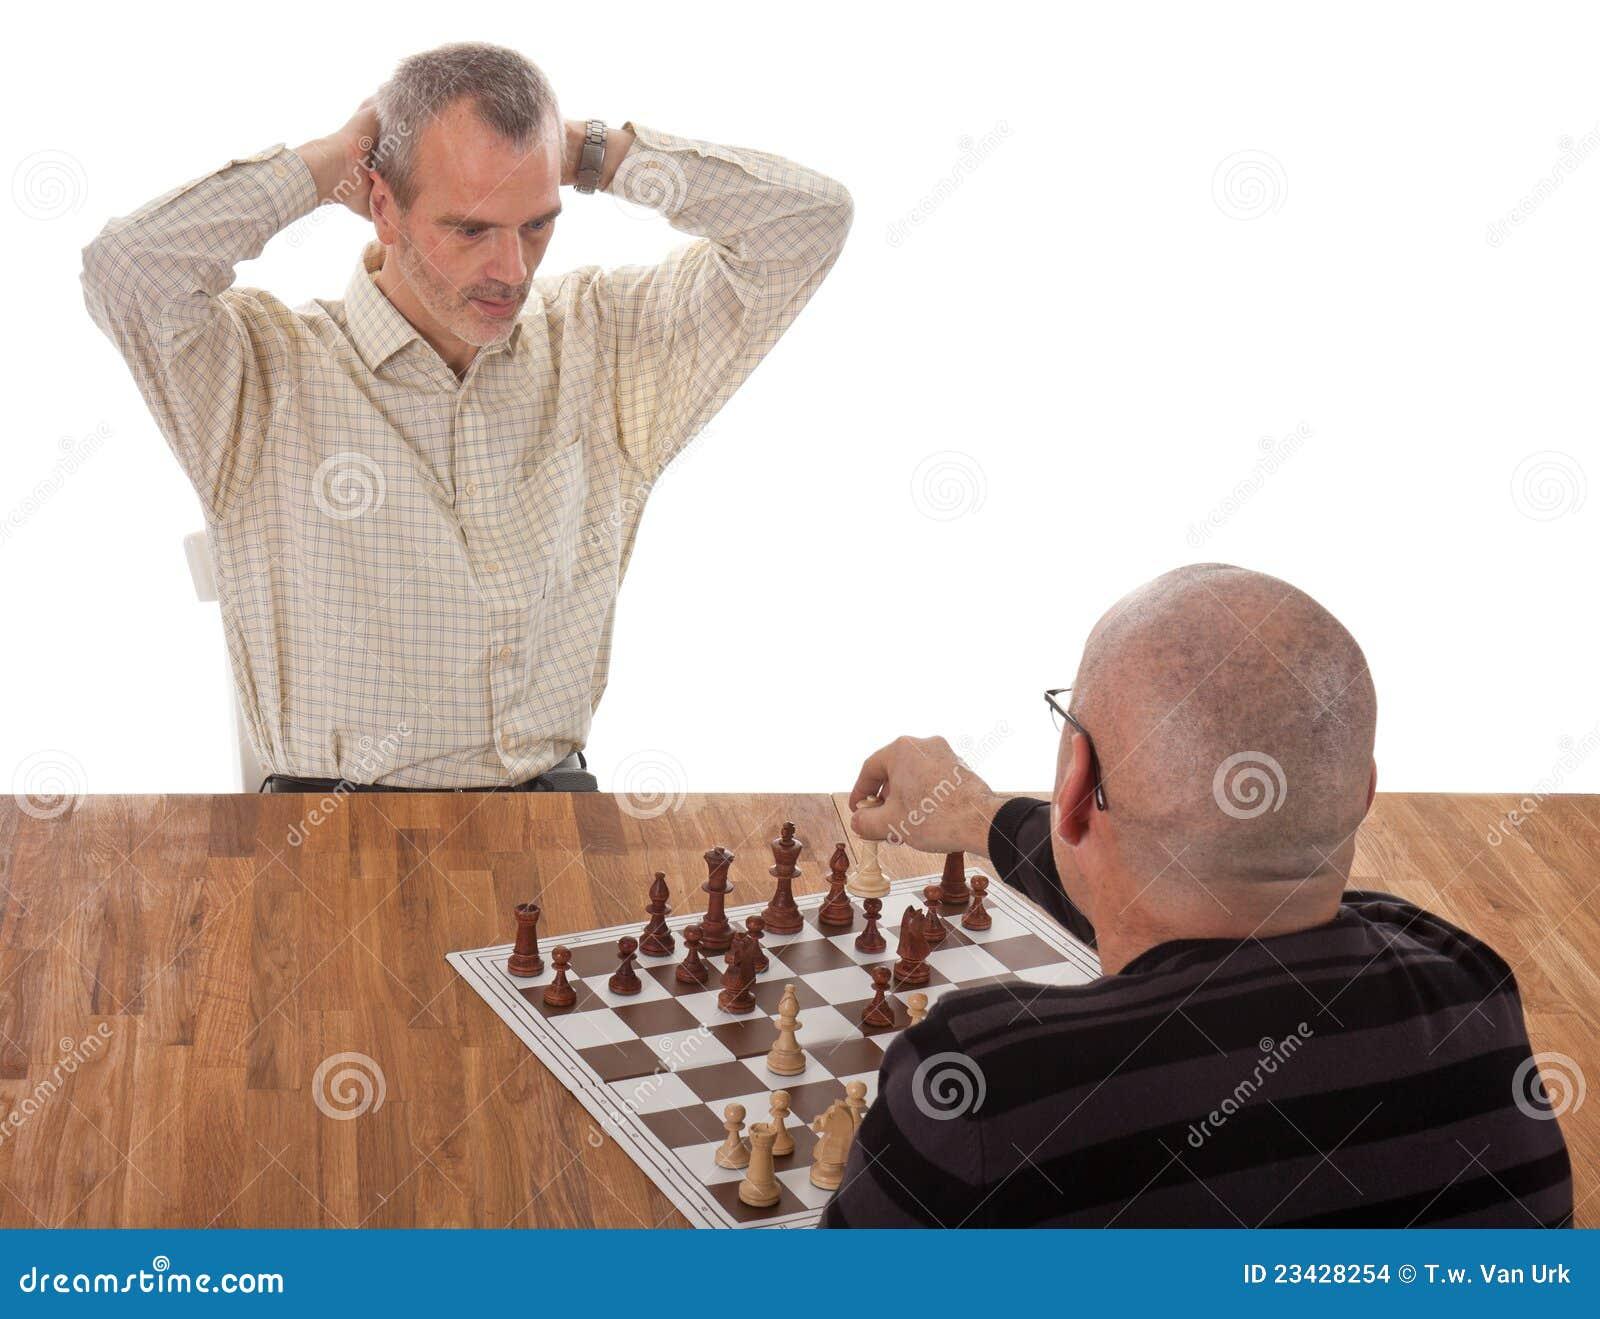 Ein Schachspieler setzt den anderen schachmatt